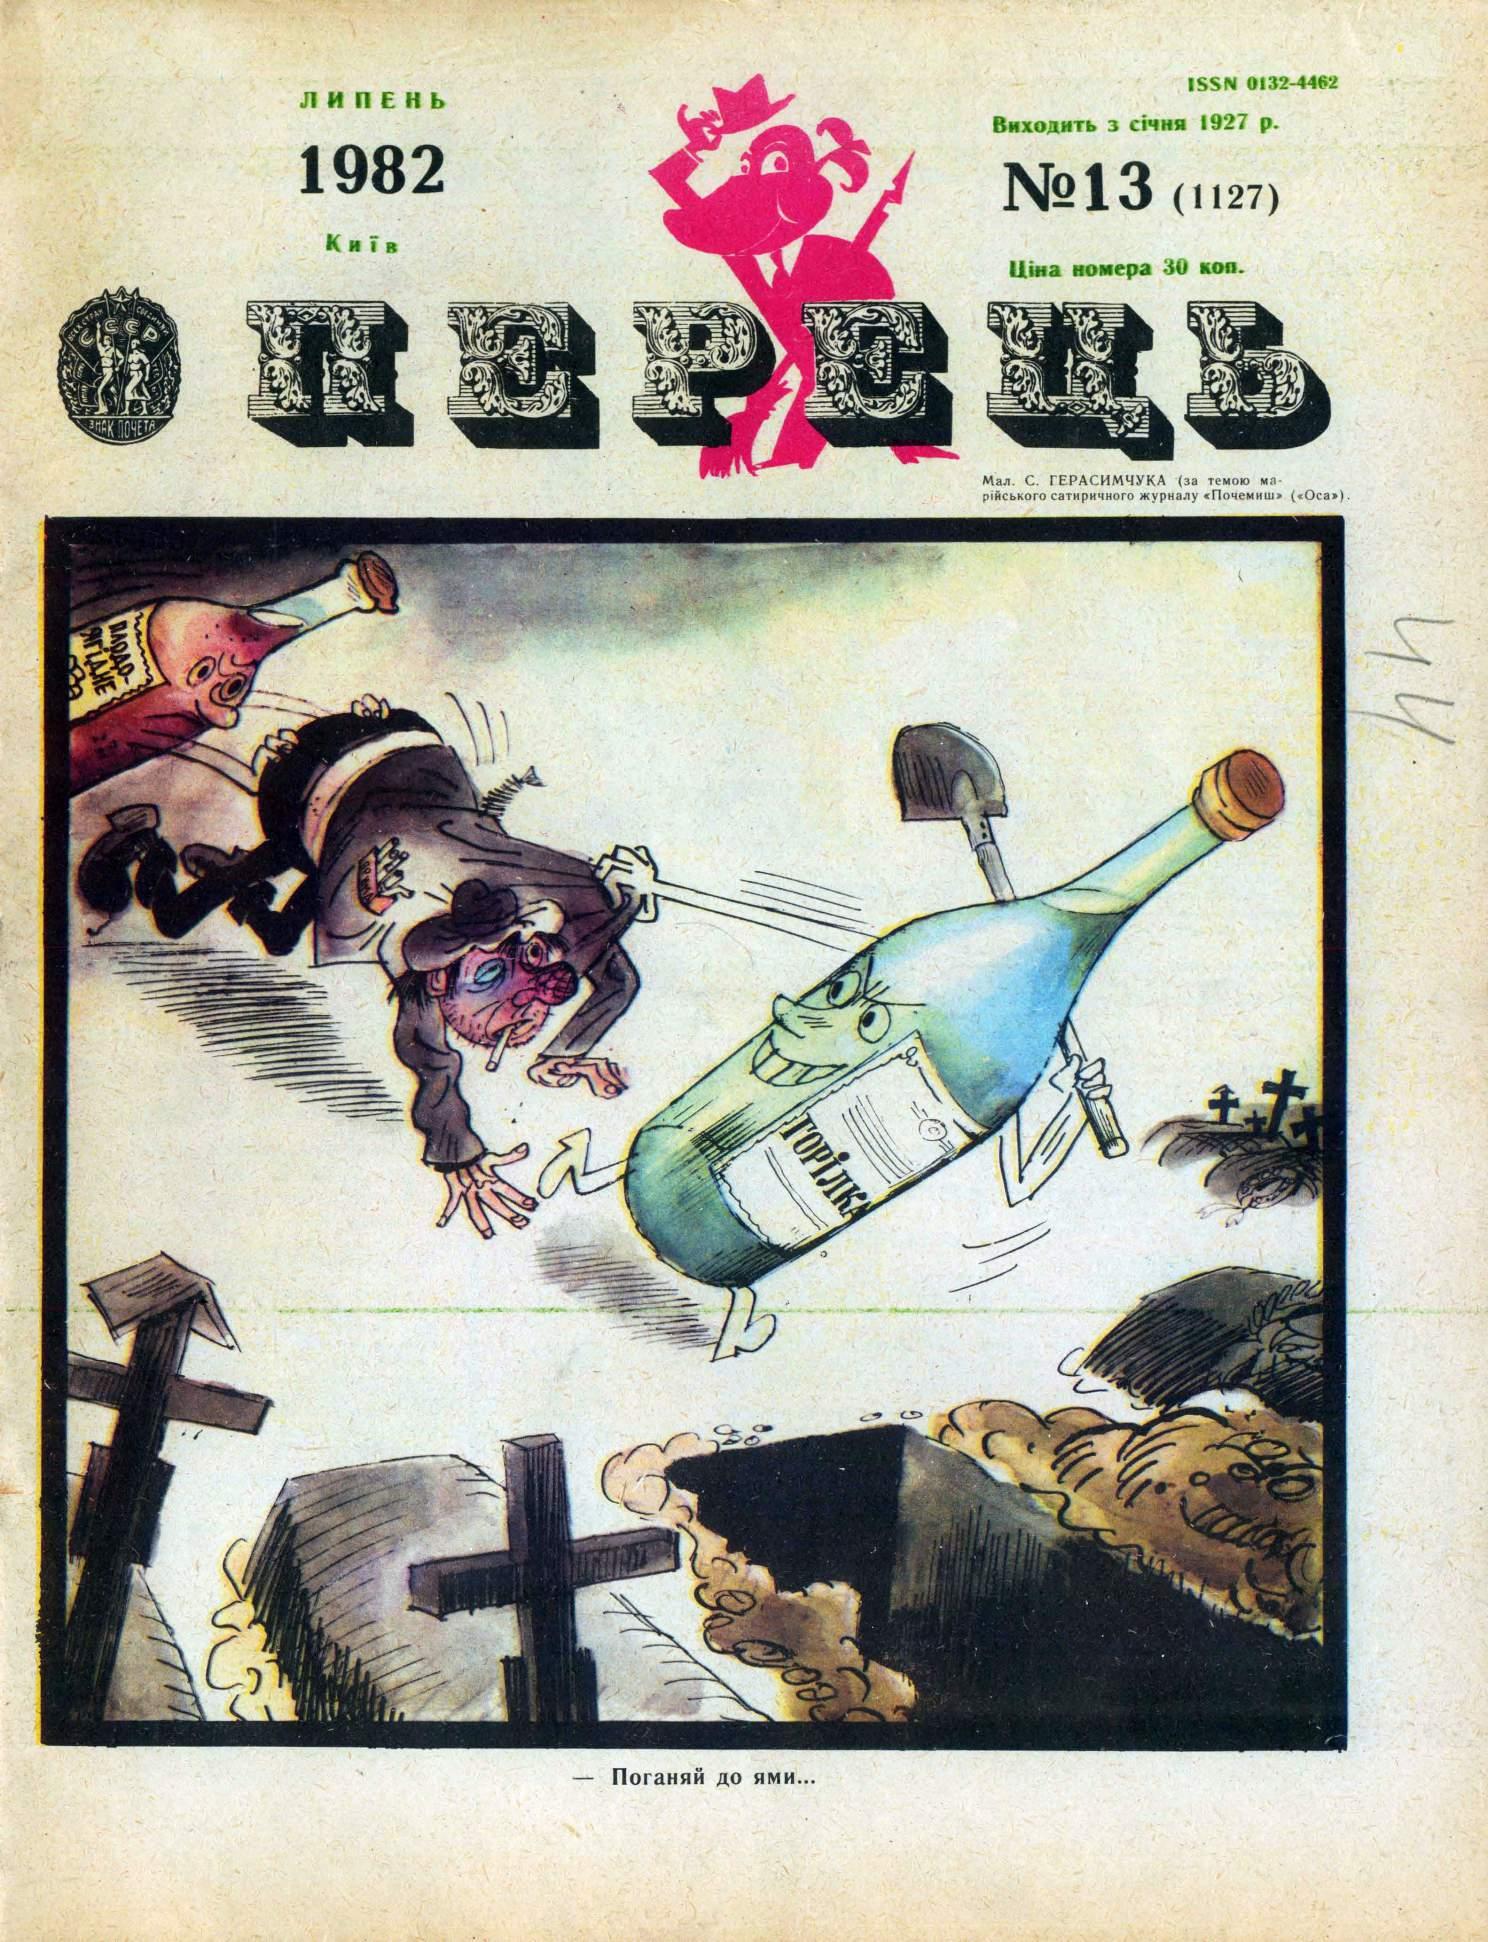 Журнал перець 1982 №13